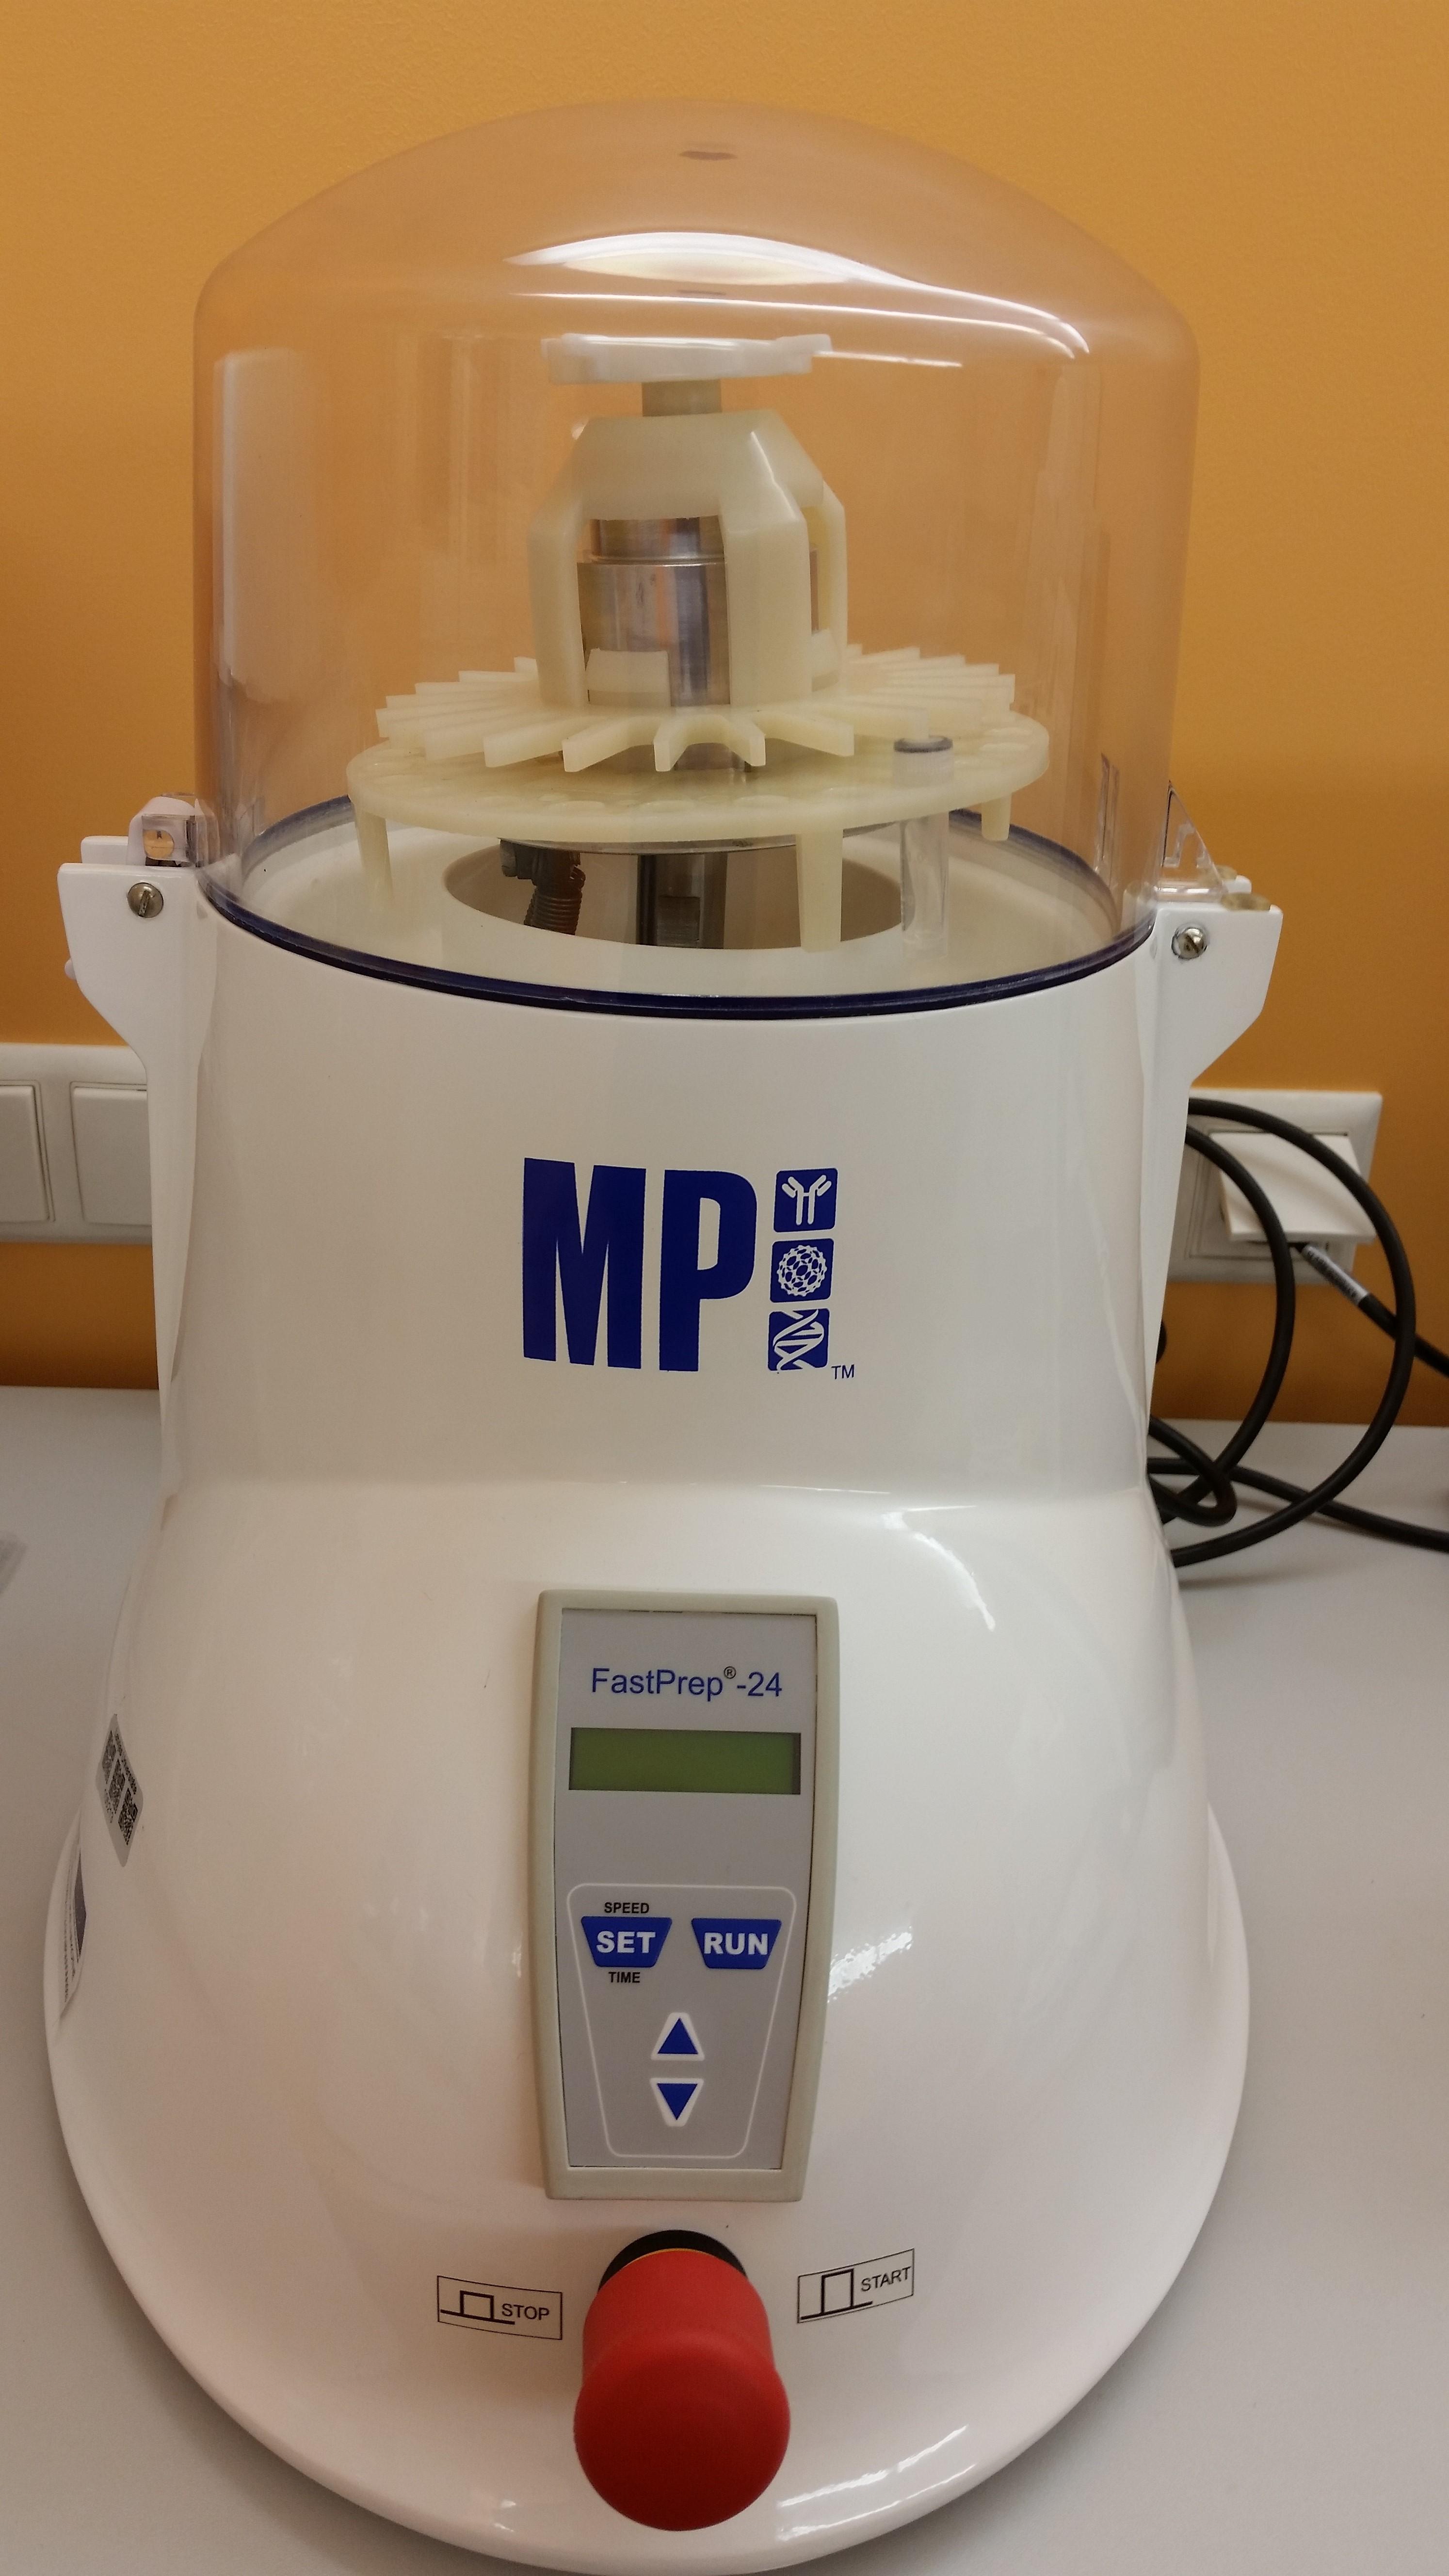 FastPrep-24 homogenizer